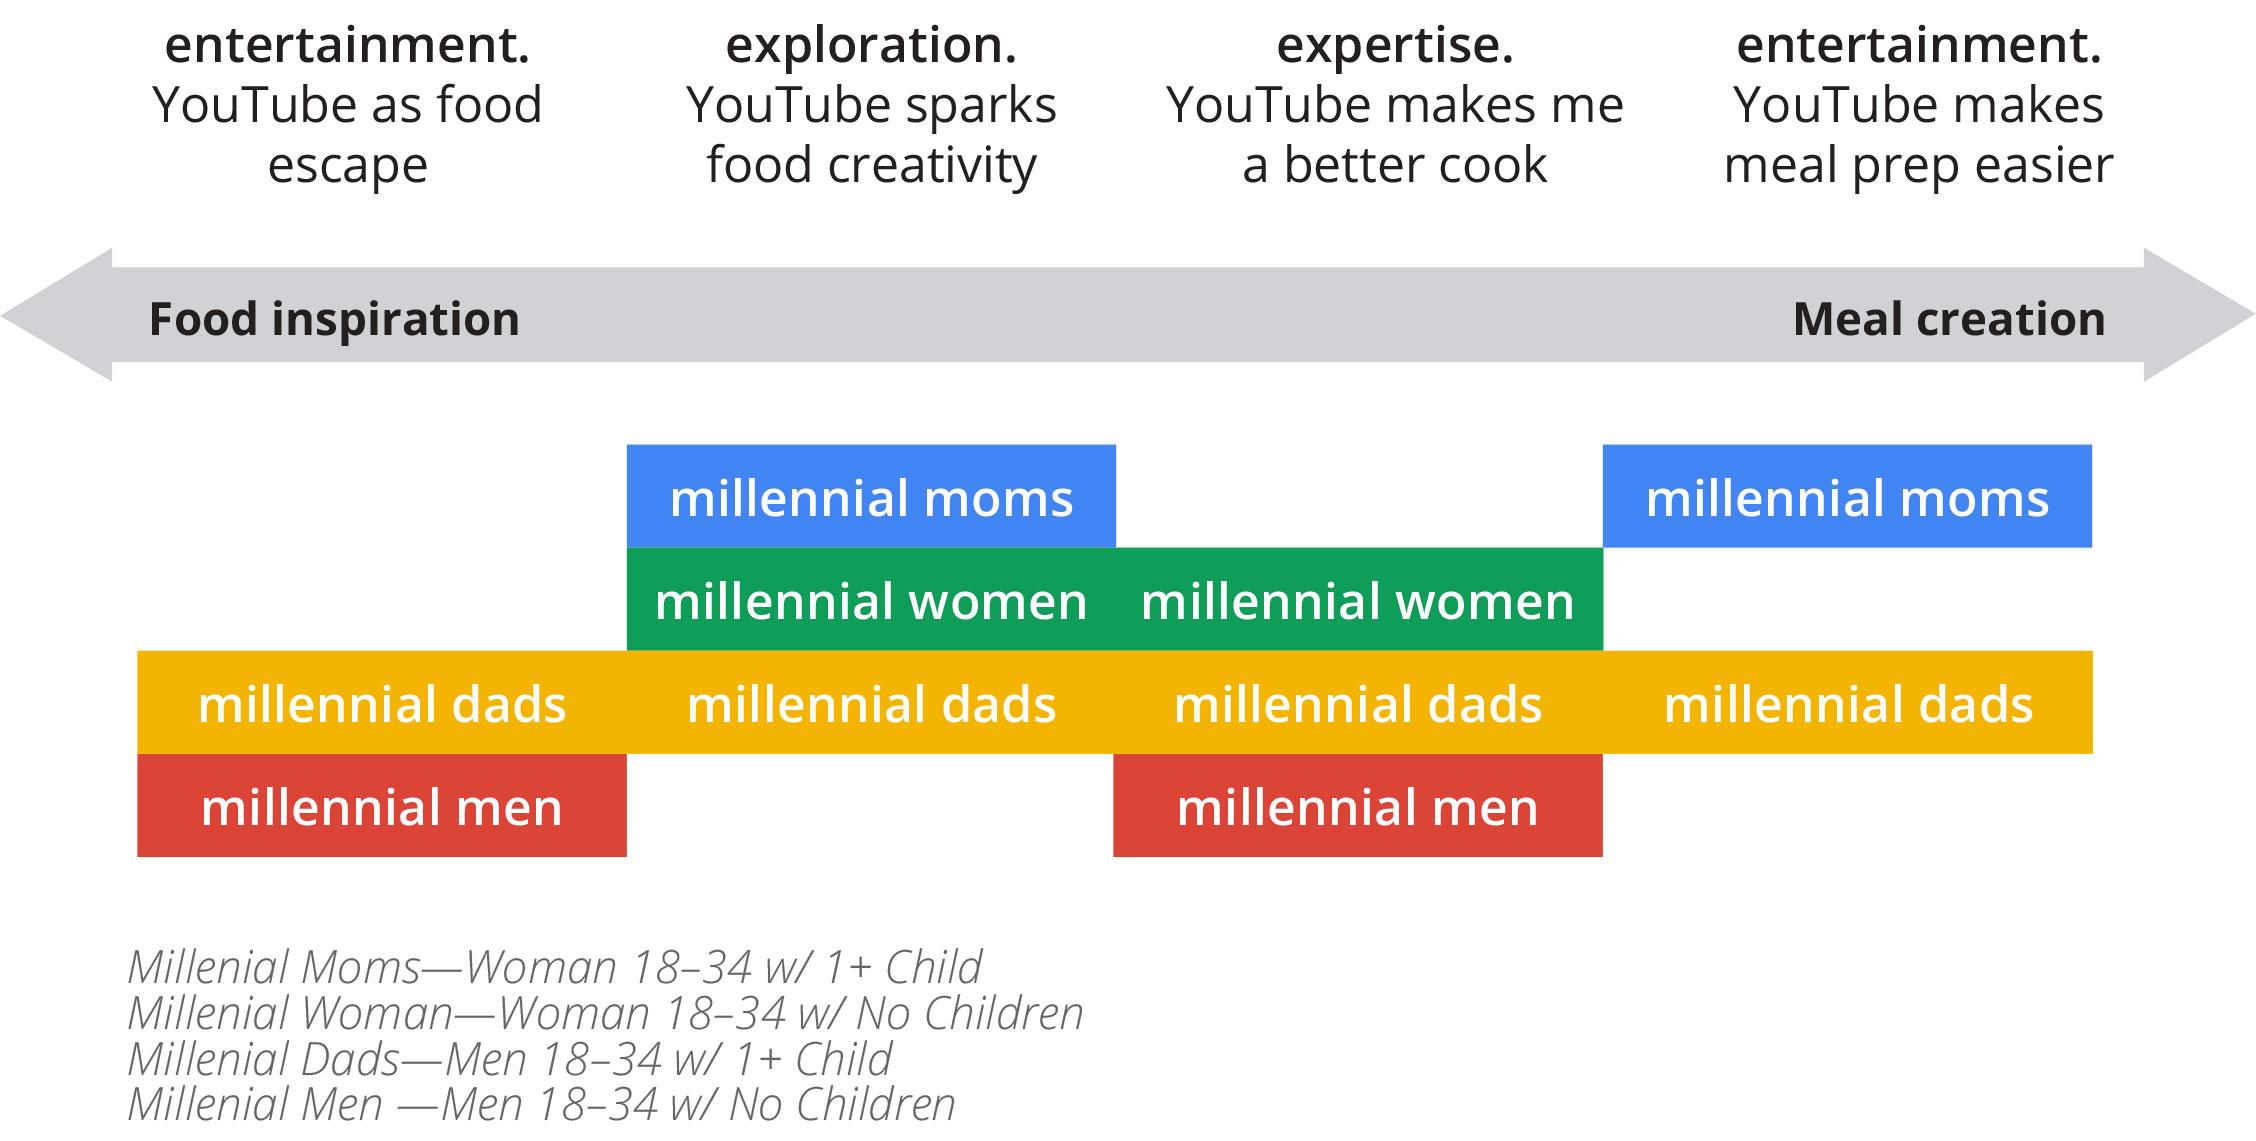 Millennials Digital Insights And Inspiration